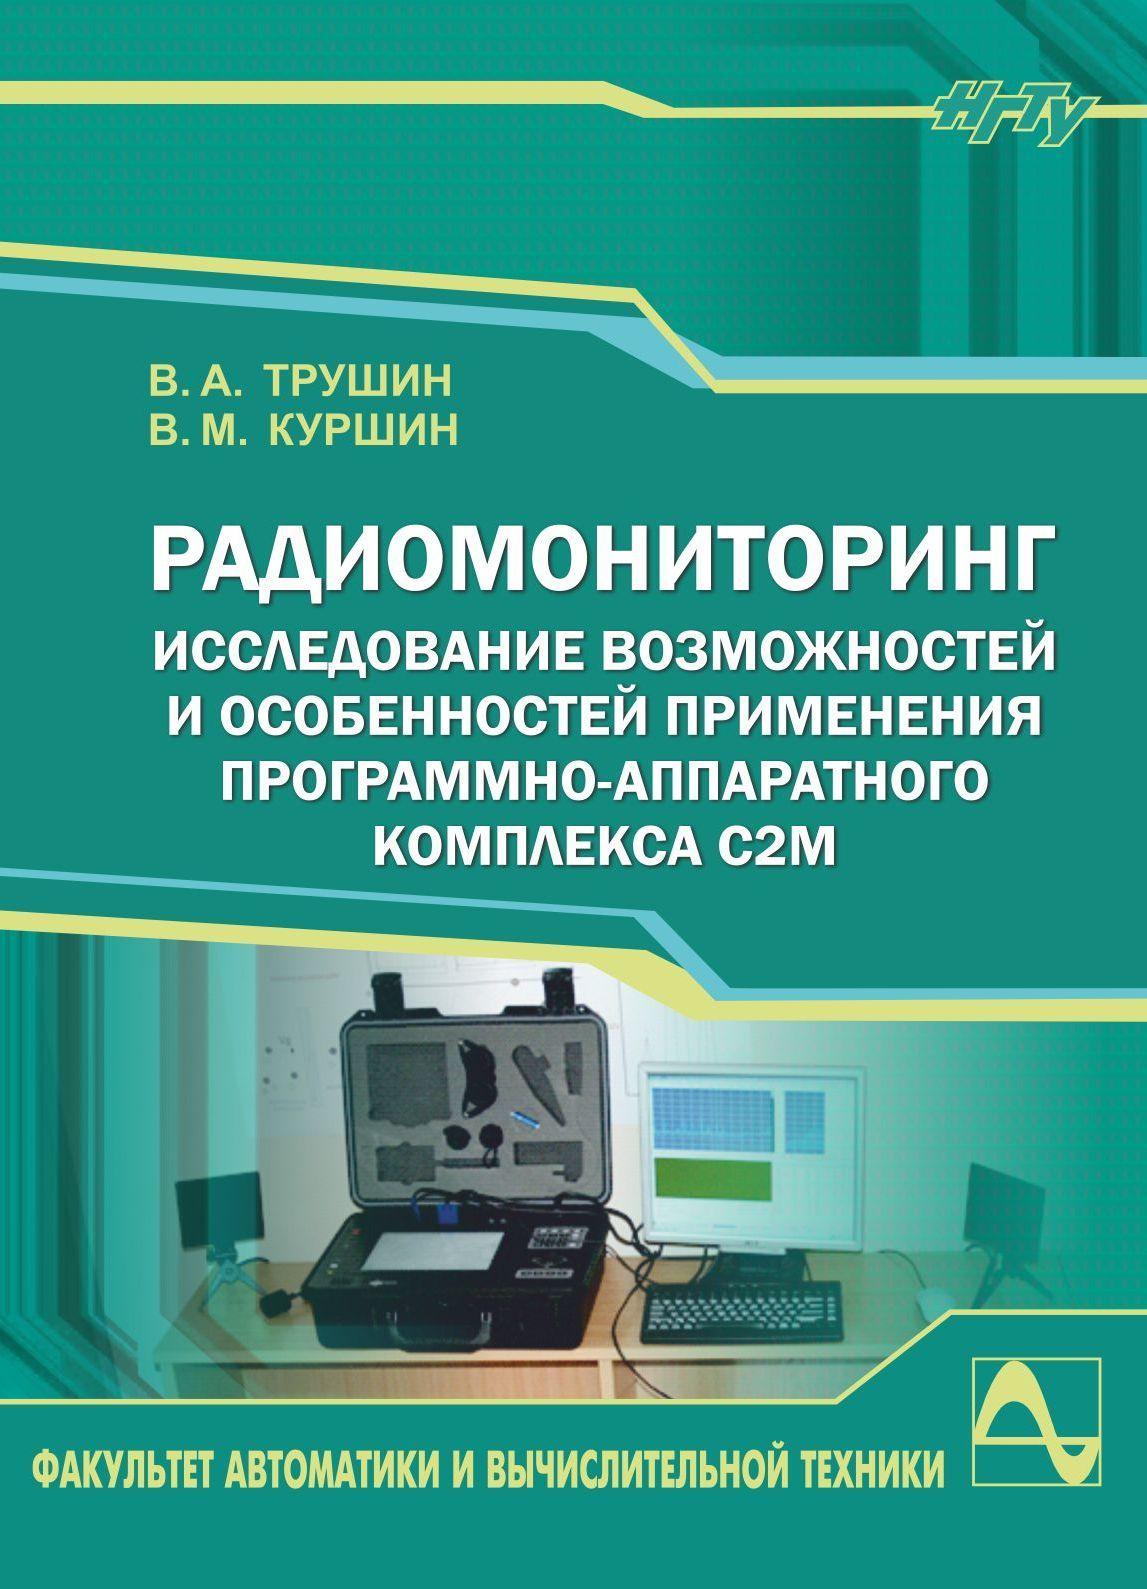 Виктор Трушин Радиомониторинг. Исследование возможностей и особенностей применения программно-аппаратного комплекса С2М информационная безопасность гис и инфраструктуры